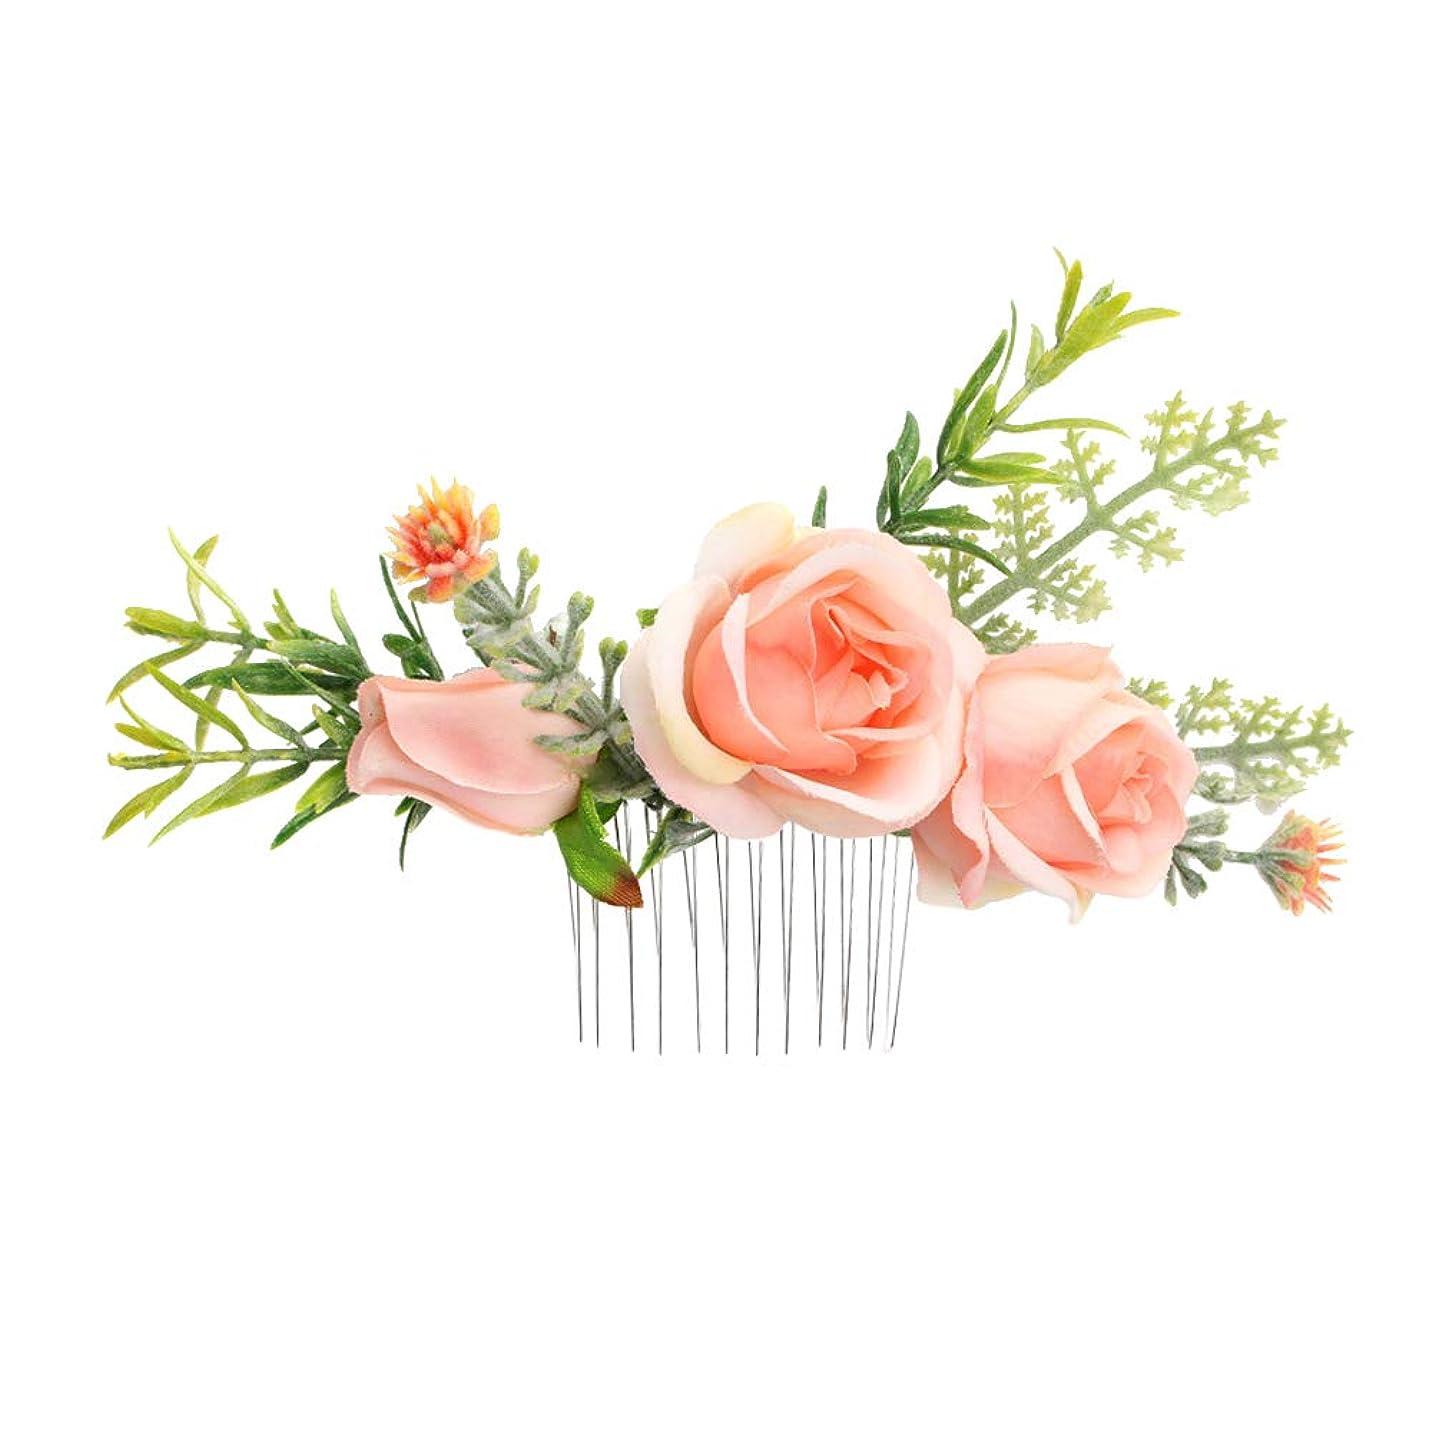 縫う仕事に行く恥ずかしさLurrose 結婚式の花の髪の櫛ブライダルスライドかぶとの花の髪の櫛の女性のためのアクセサリー女性